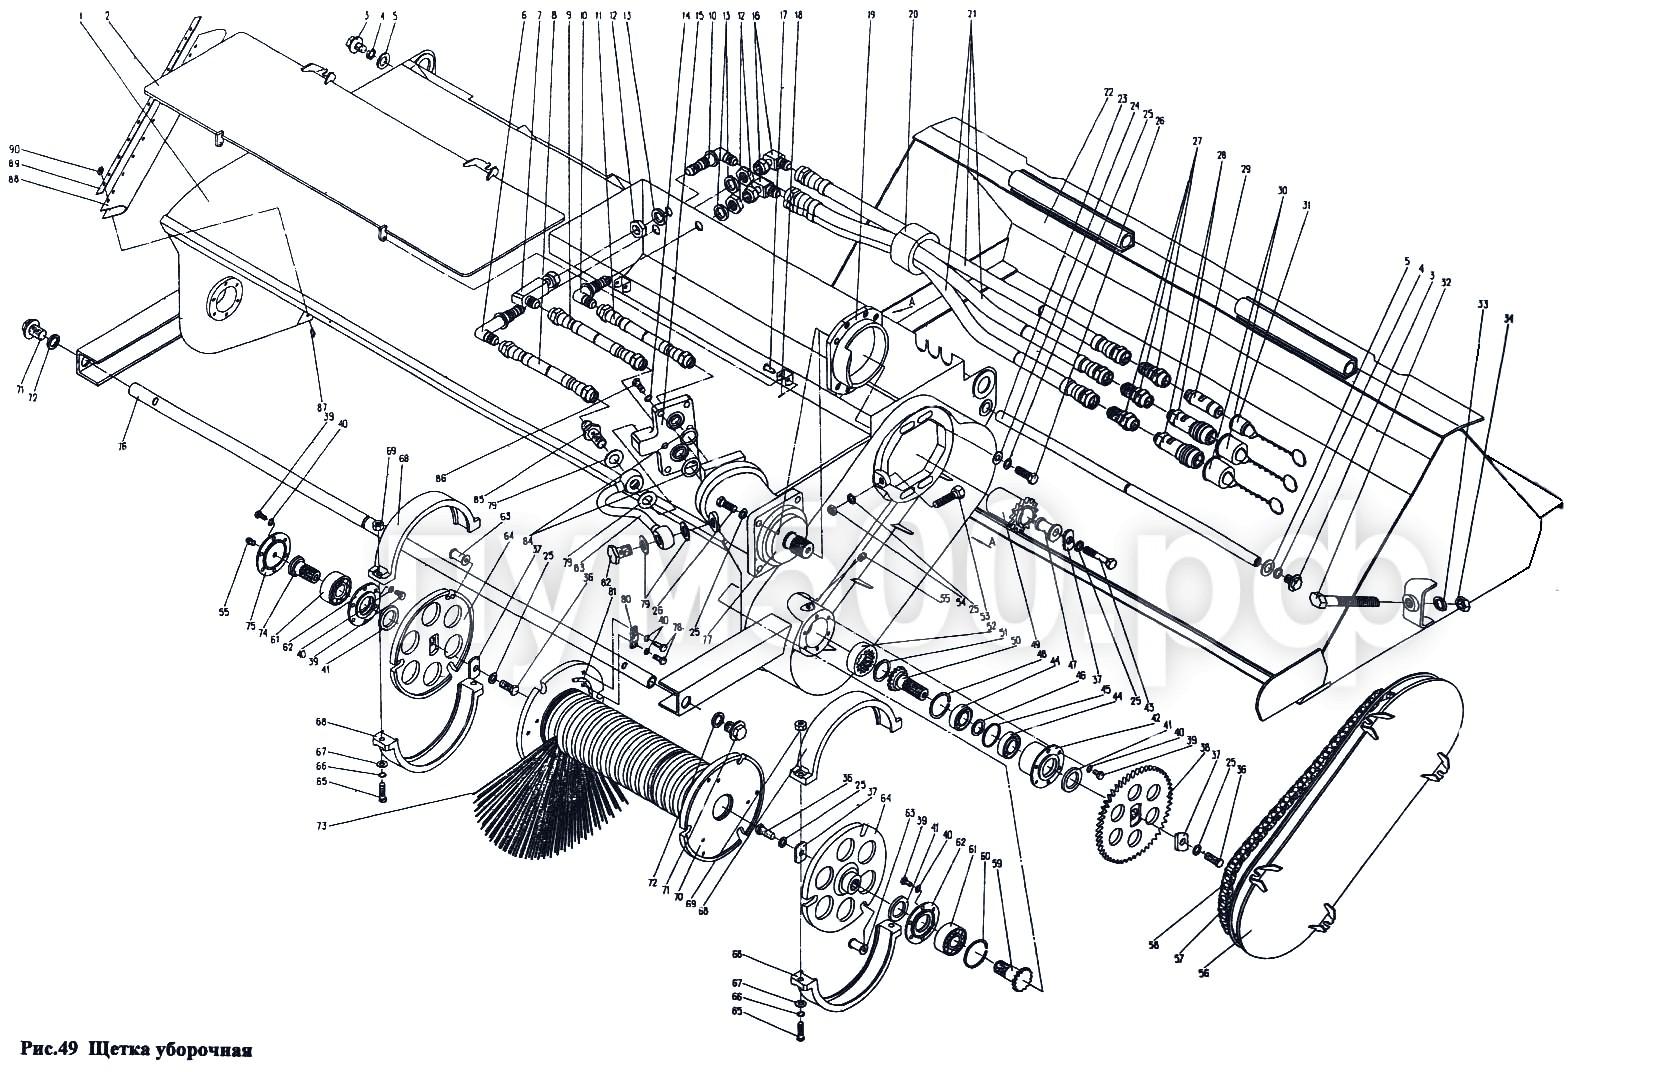 ПУМ-500 - Щетка уборочная П1.51сб